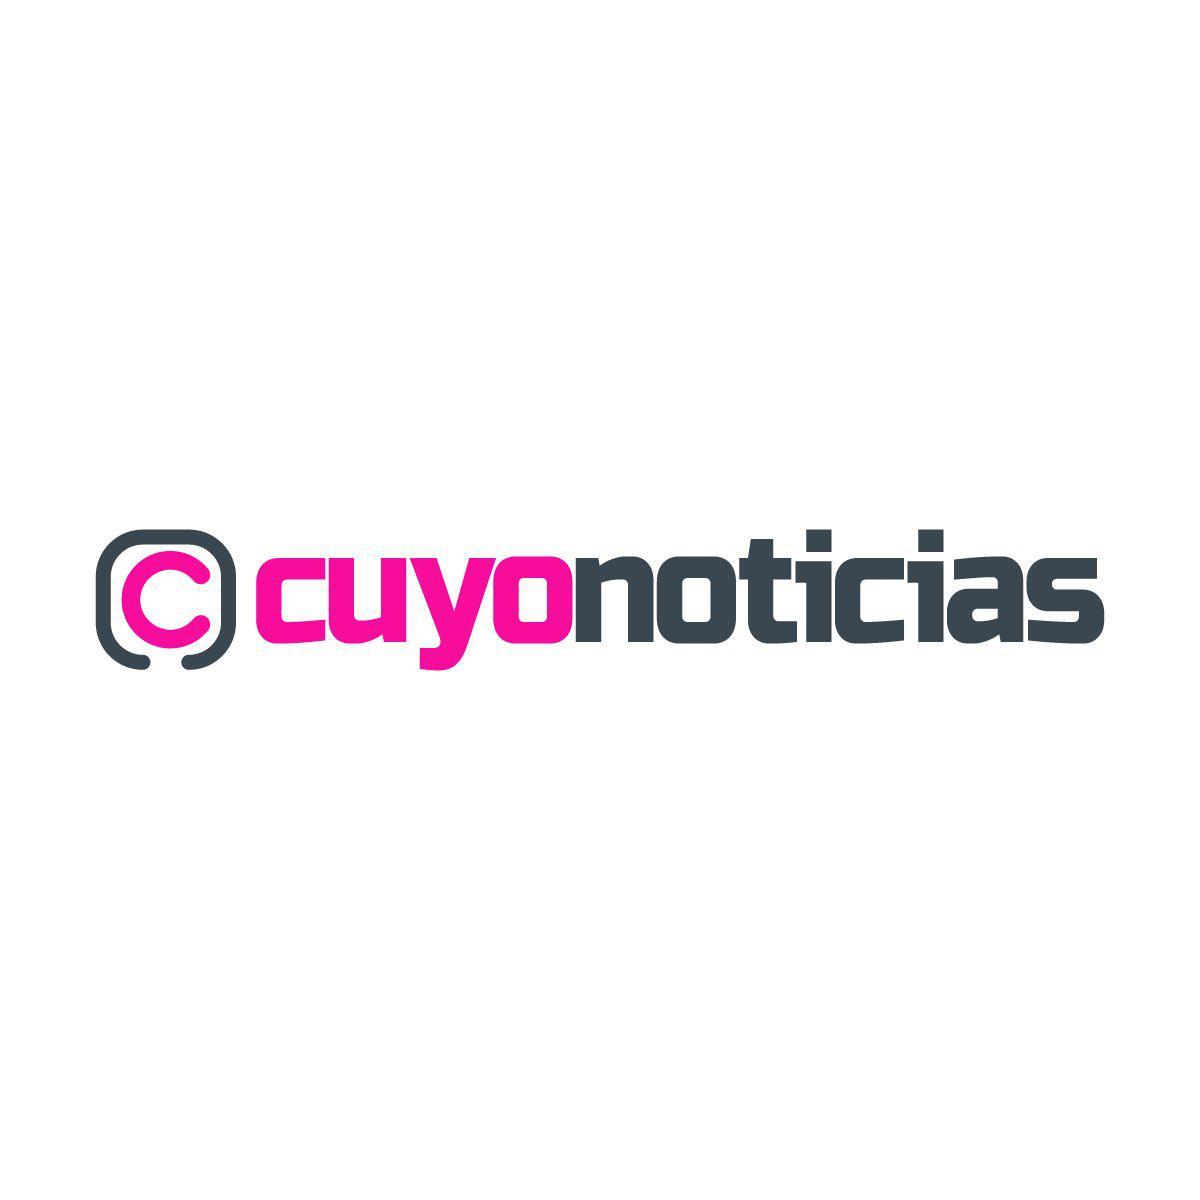 logo_horizontal_cuyonoticias